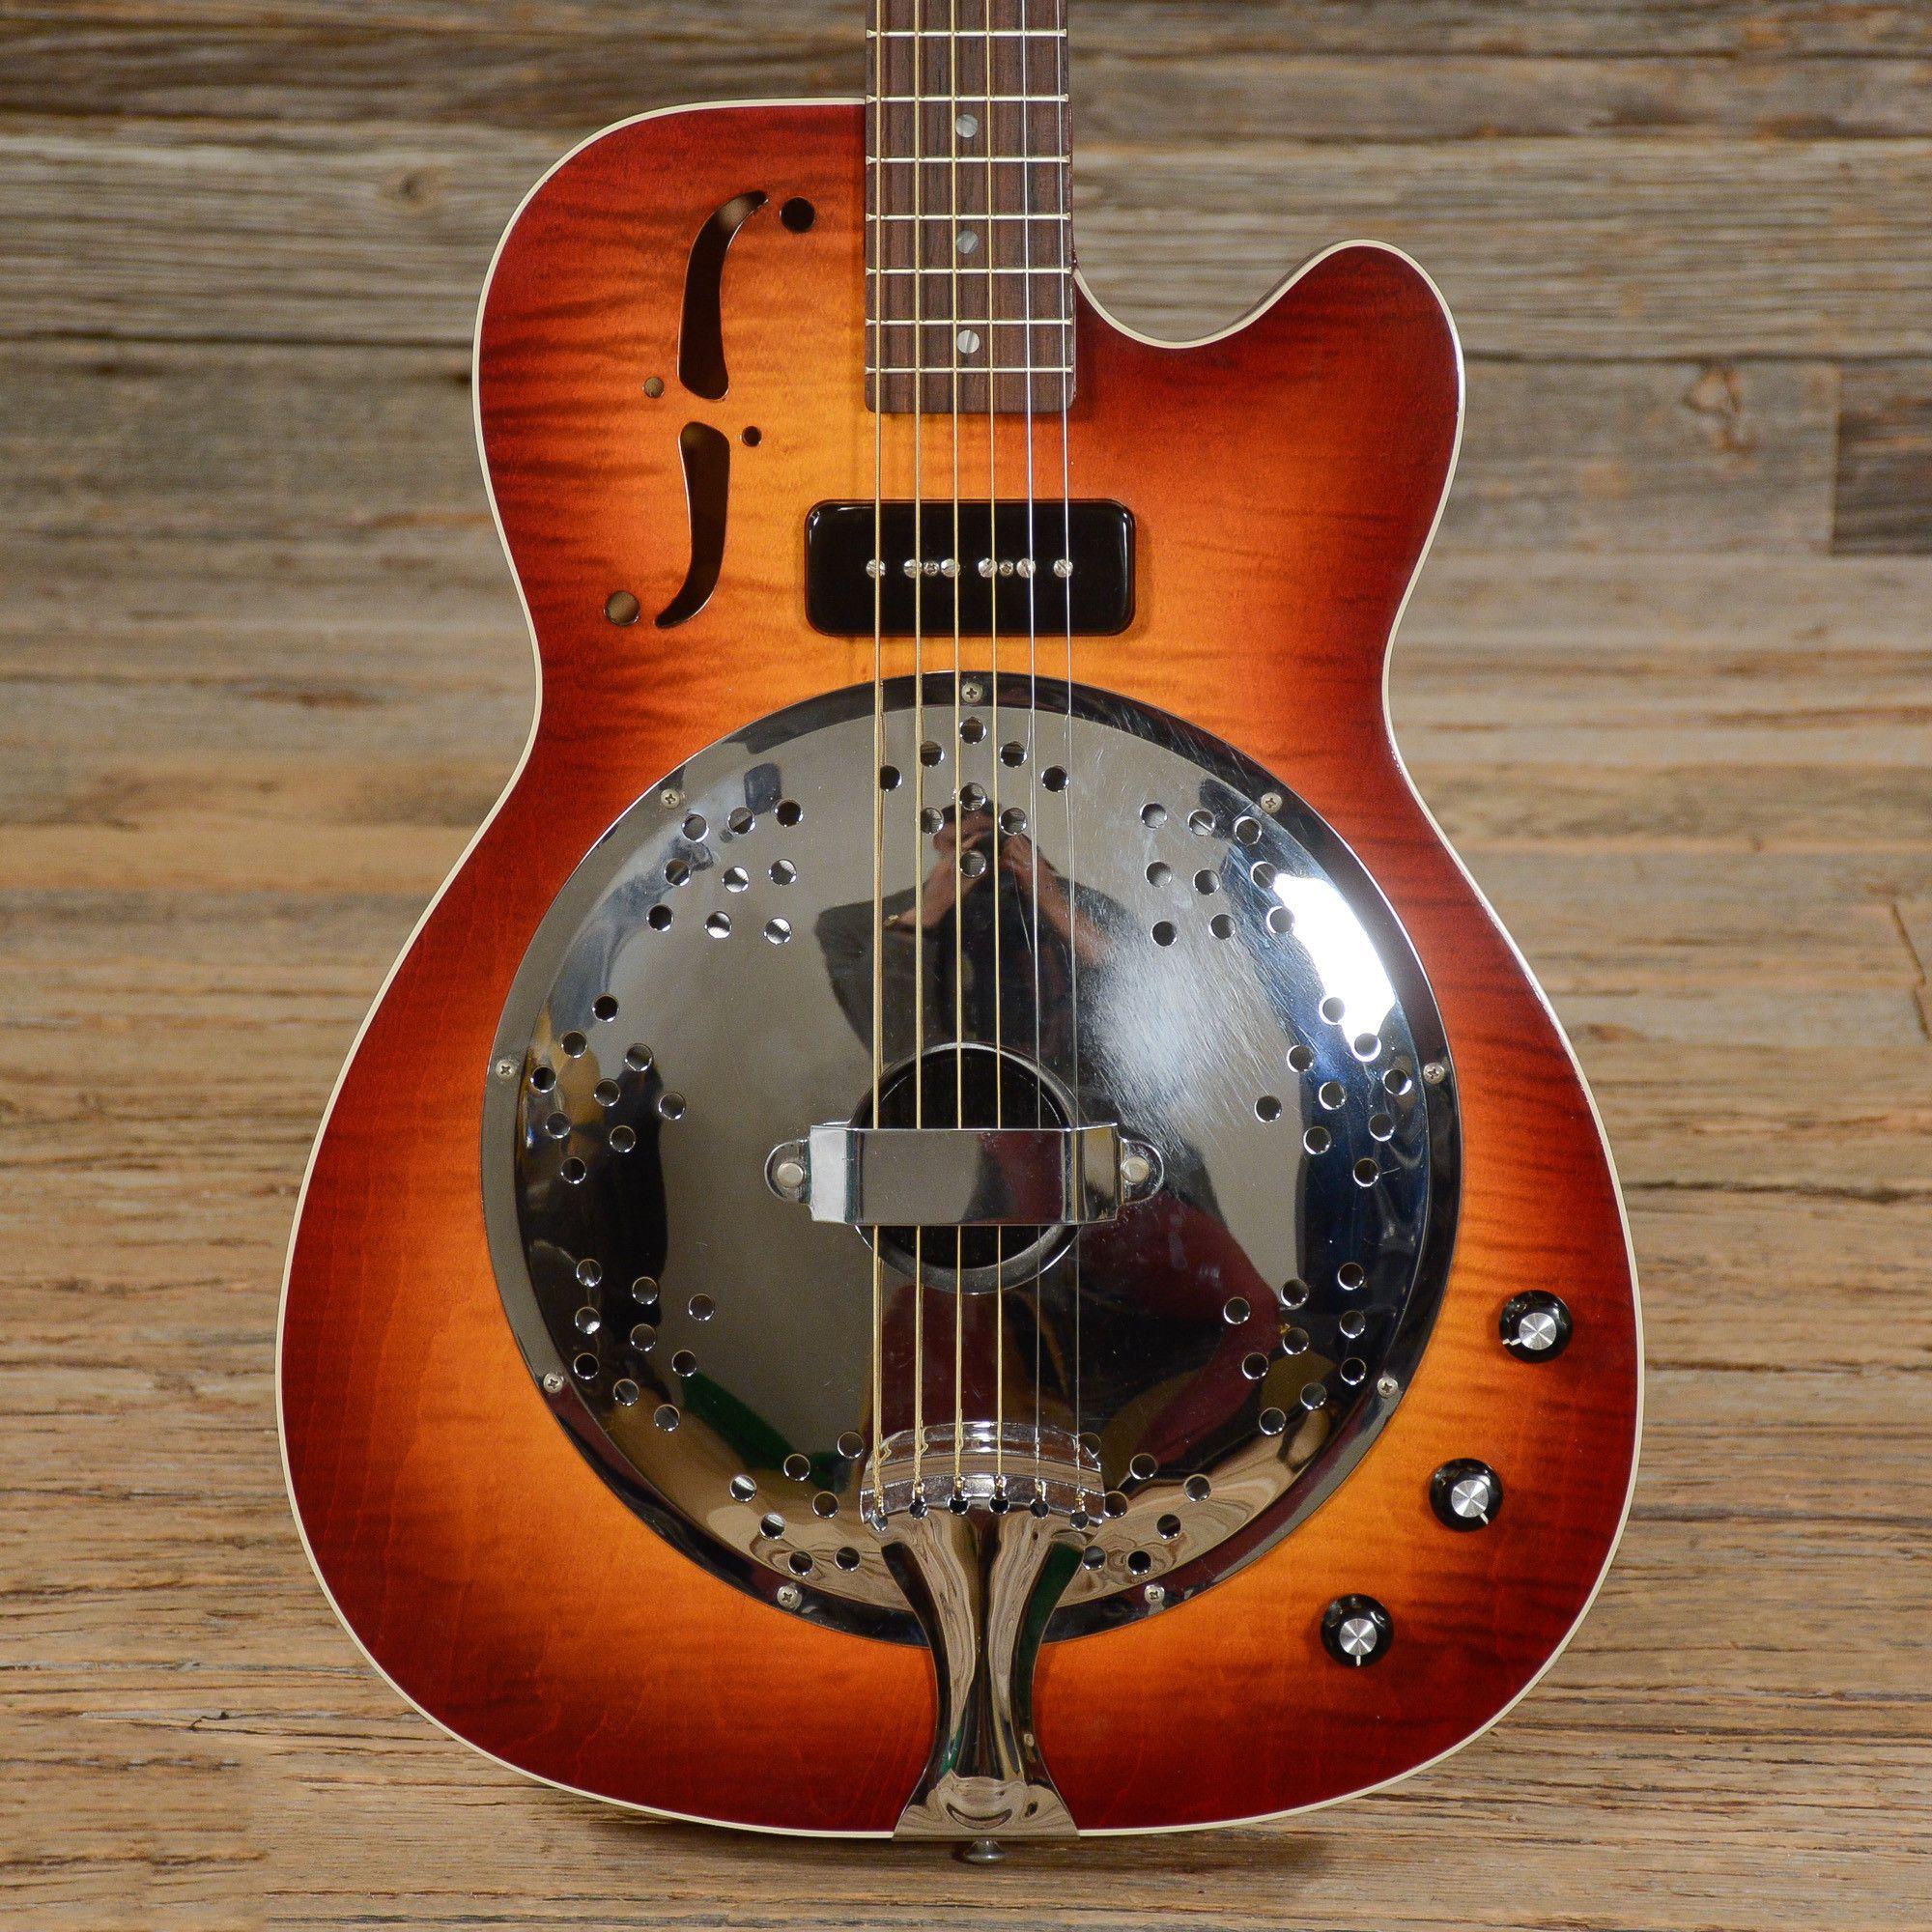 Gibson Dobro Dobrolectric Resonator Sunburst 1998 (s520)